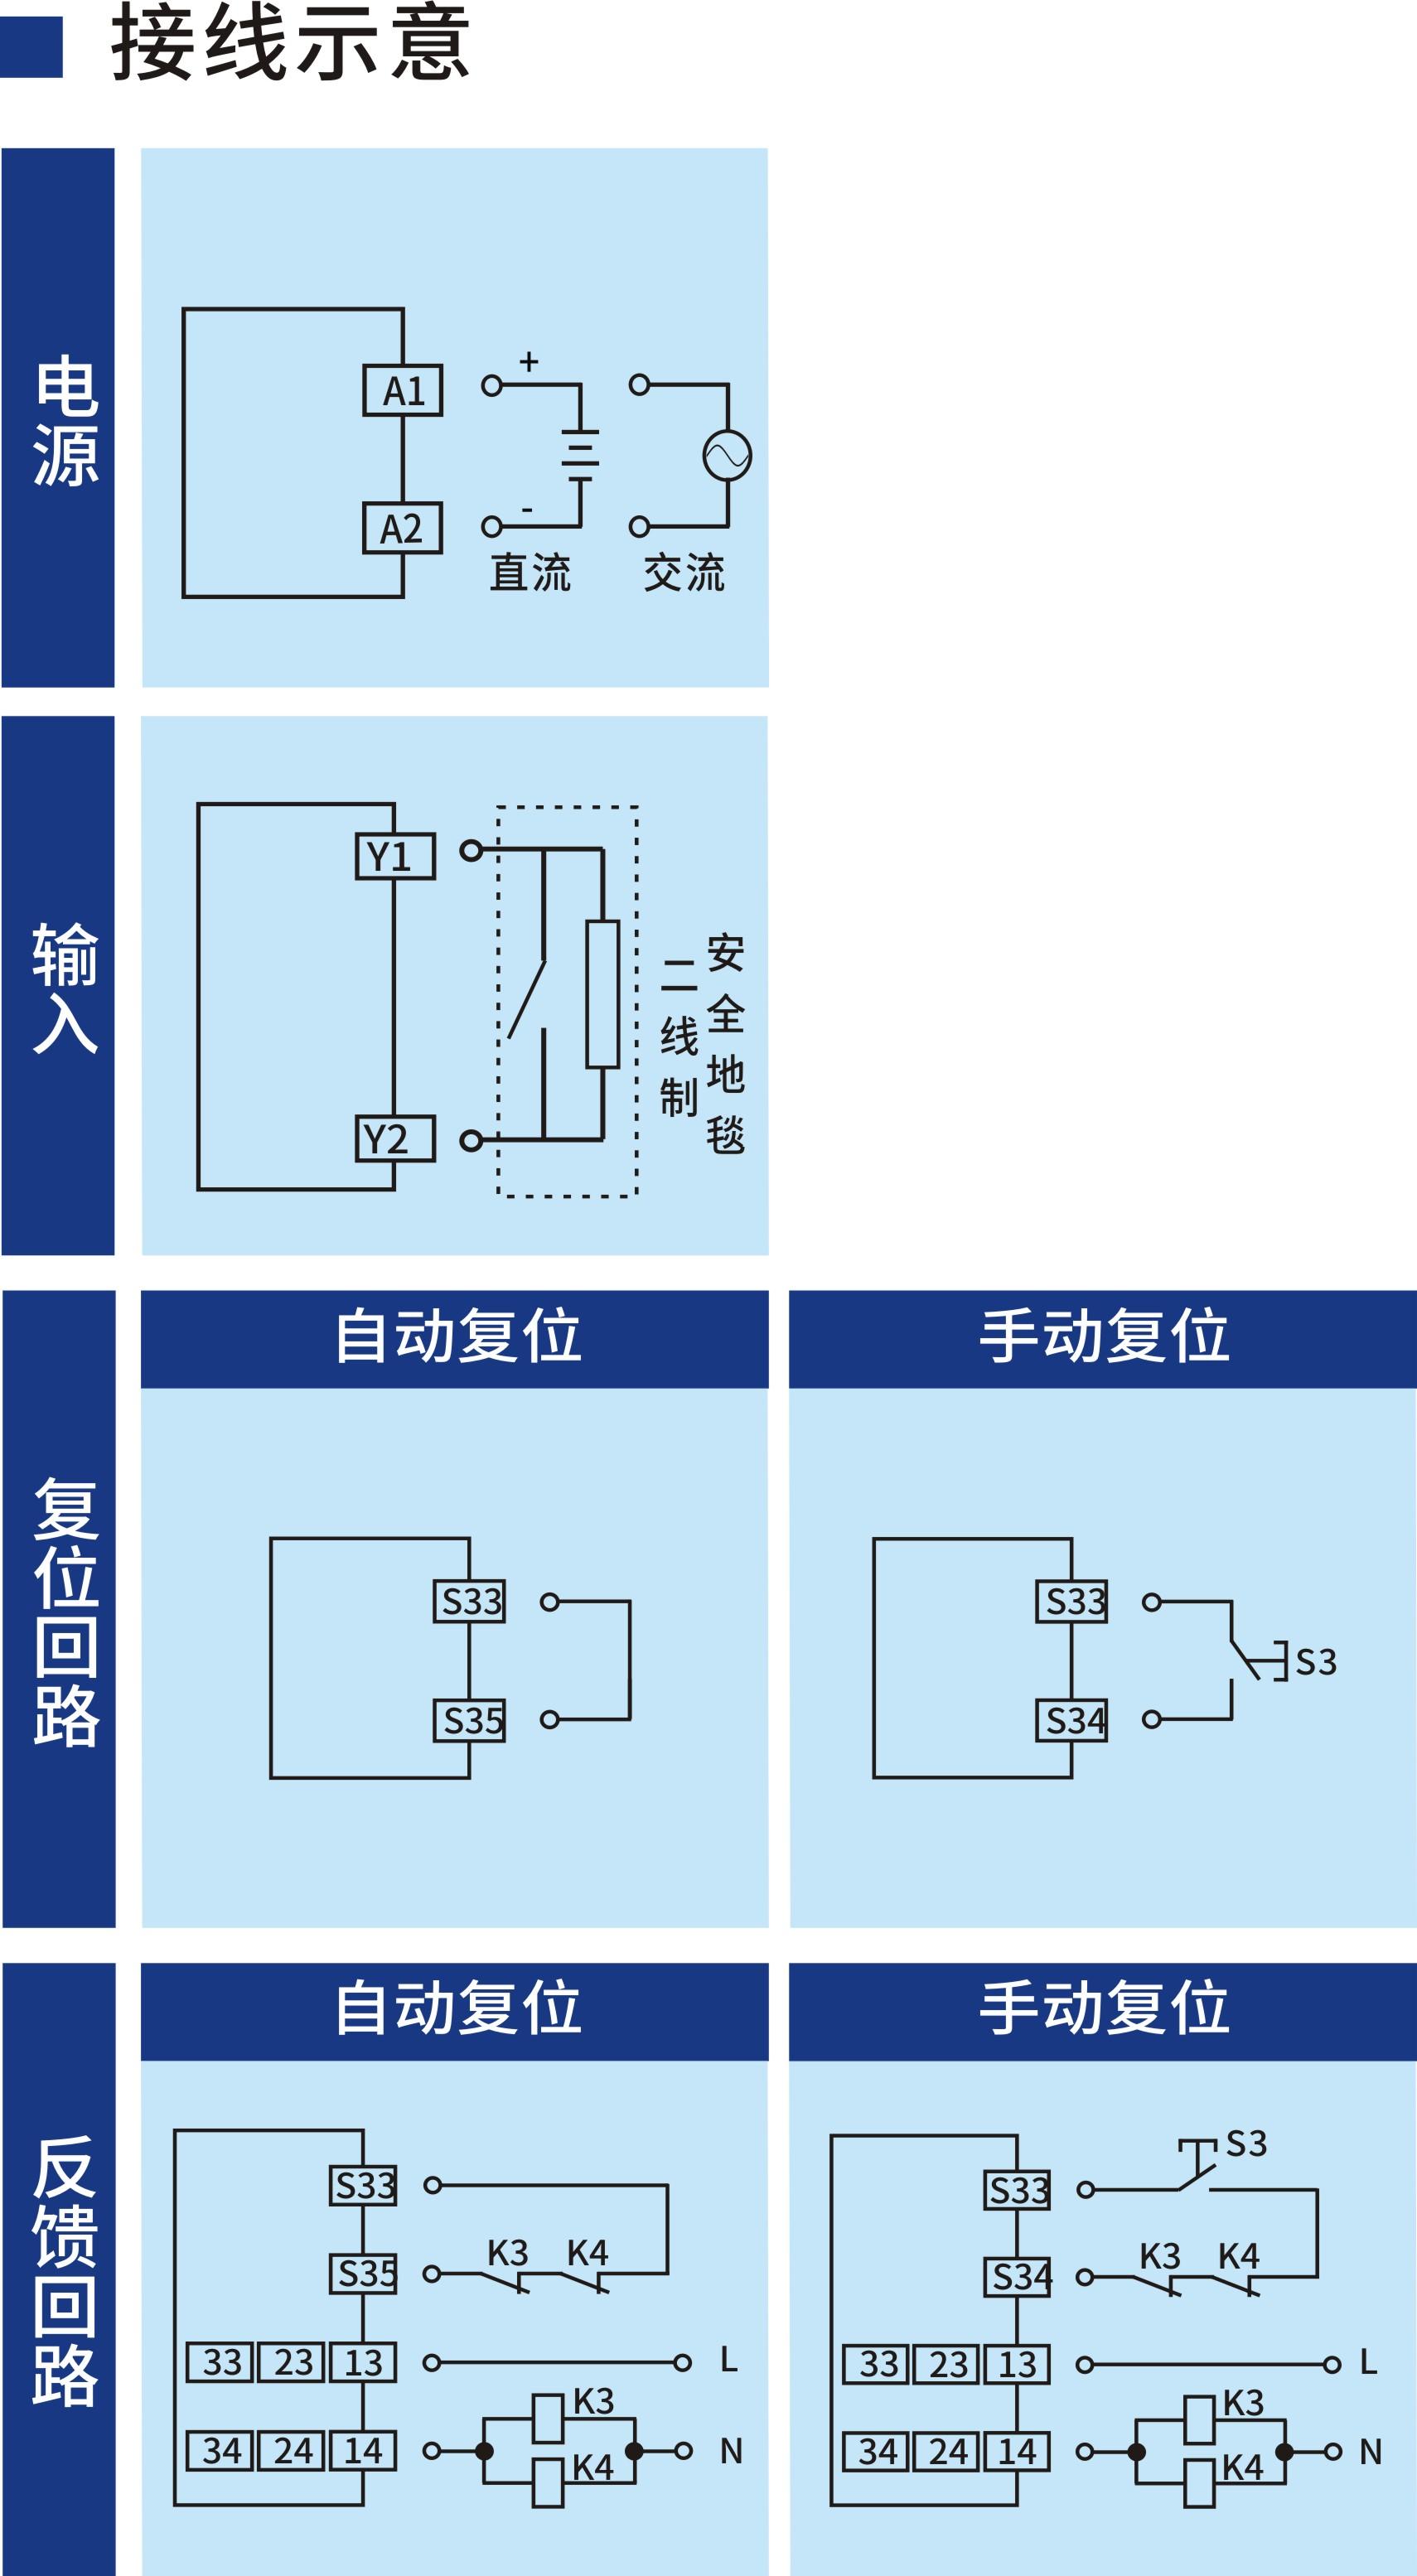 开关型安全设备输入 (两线制安全地毯 24V DC/AC 3NO+1NC 通用复位)